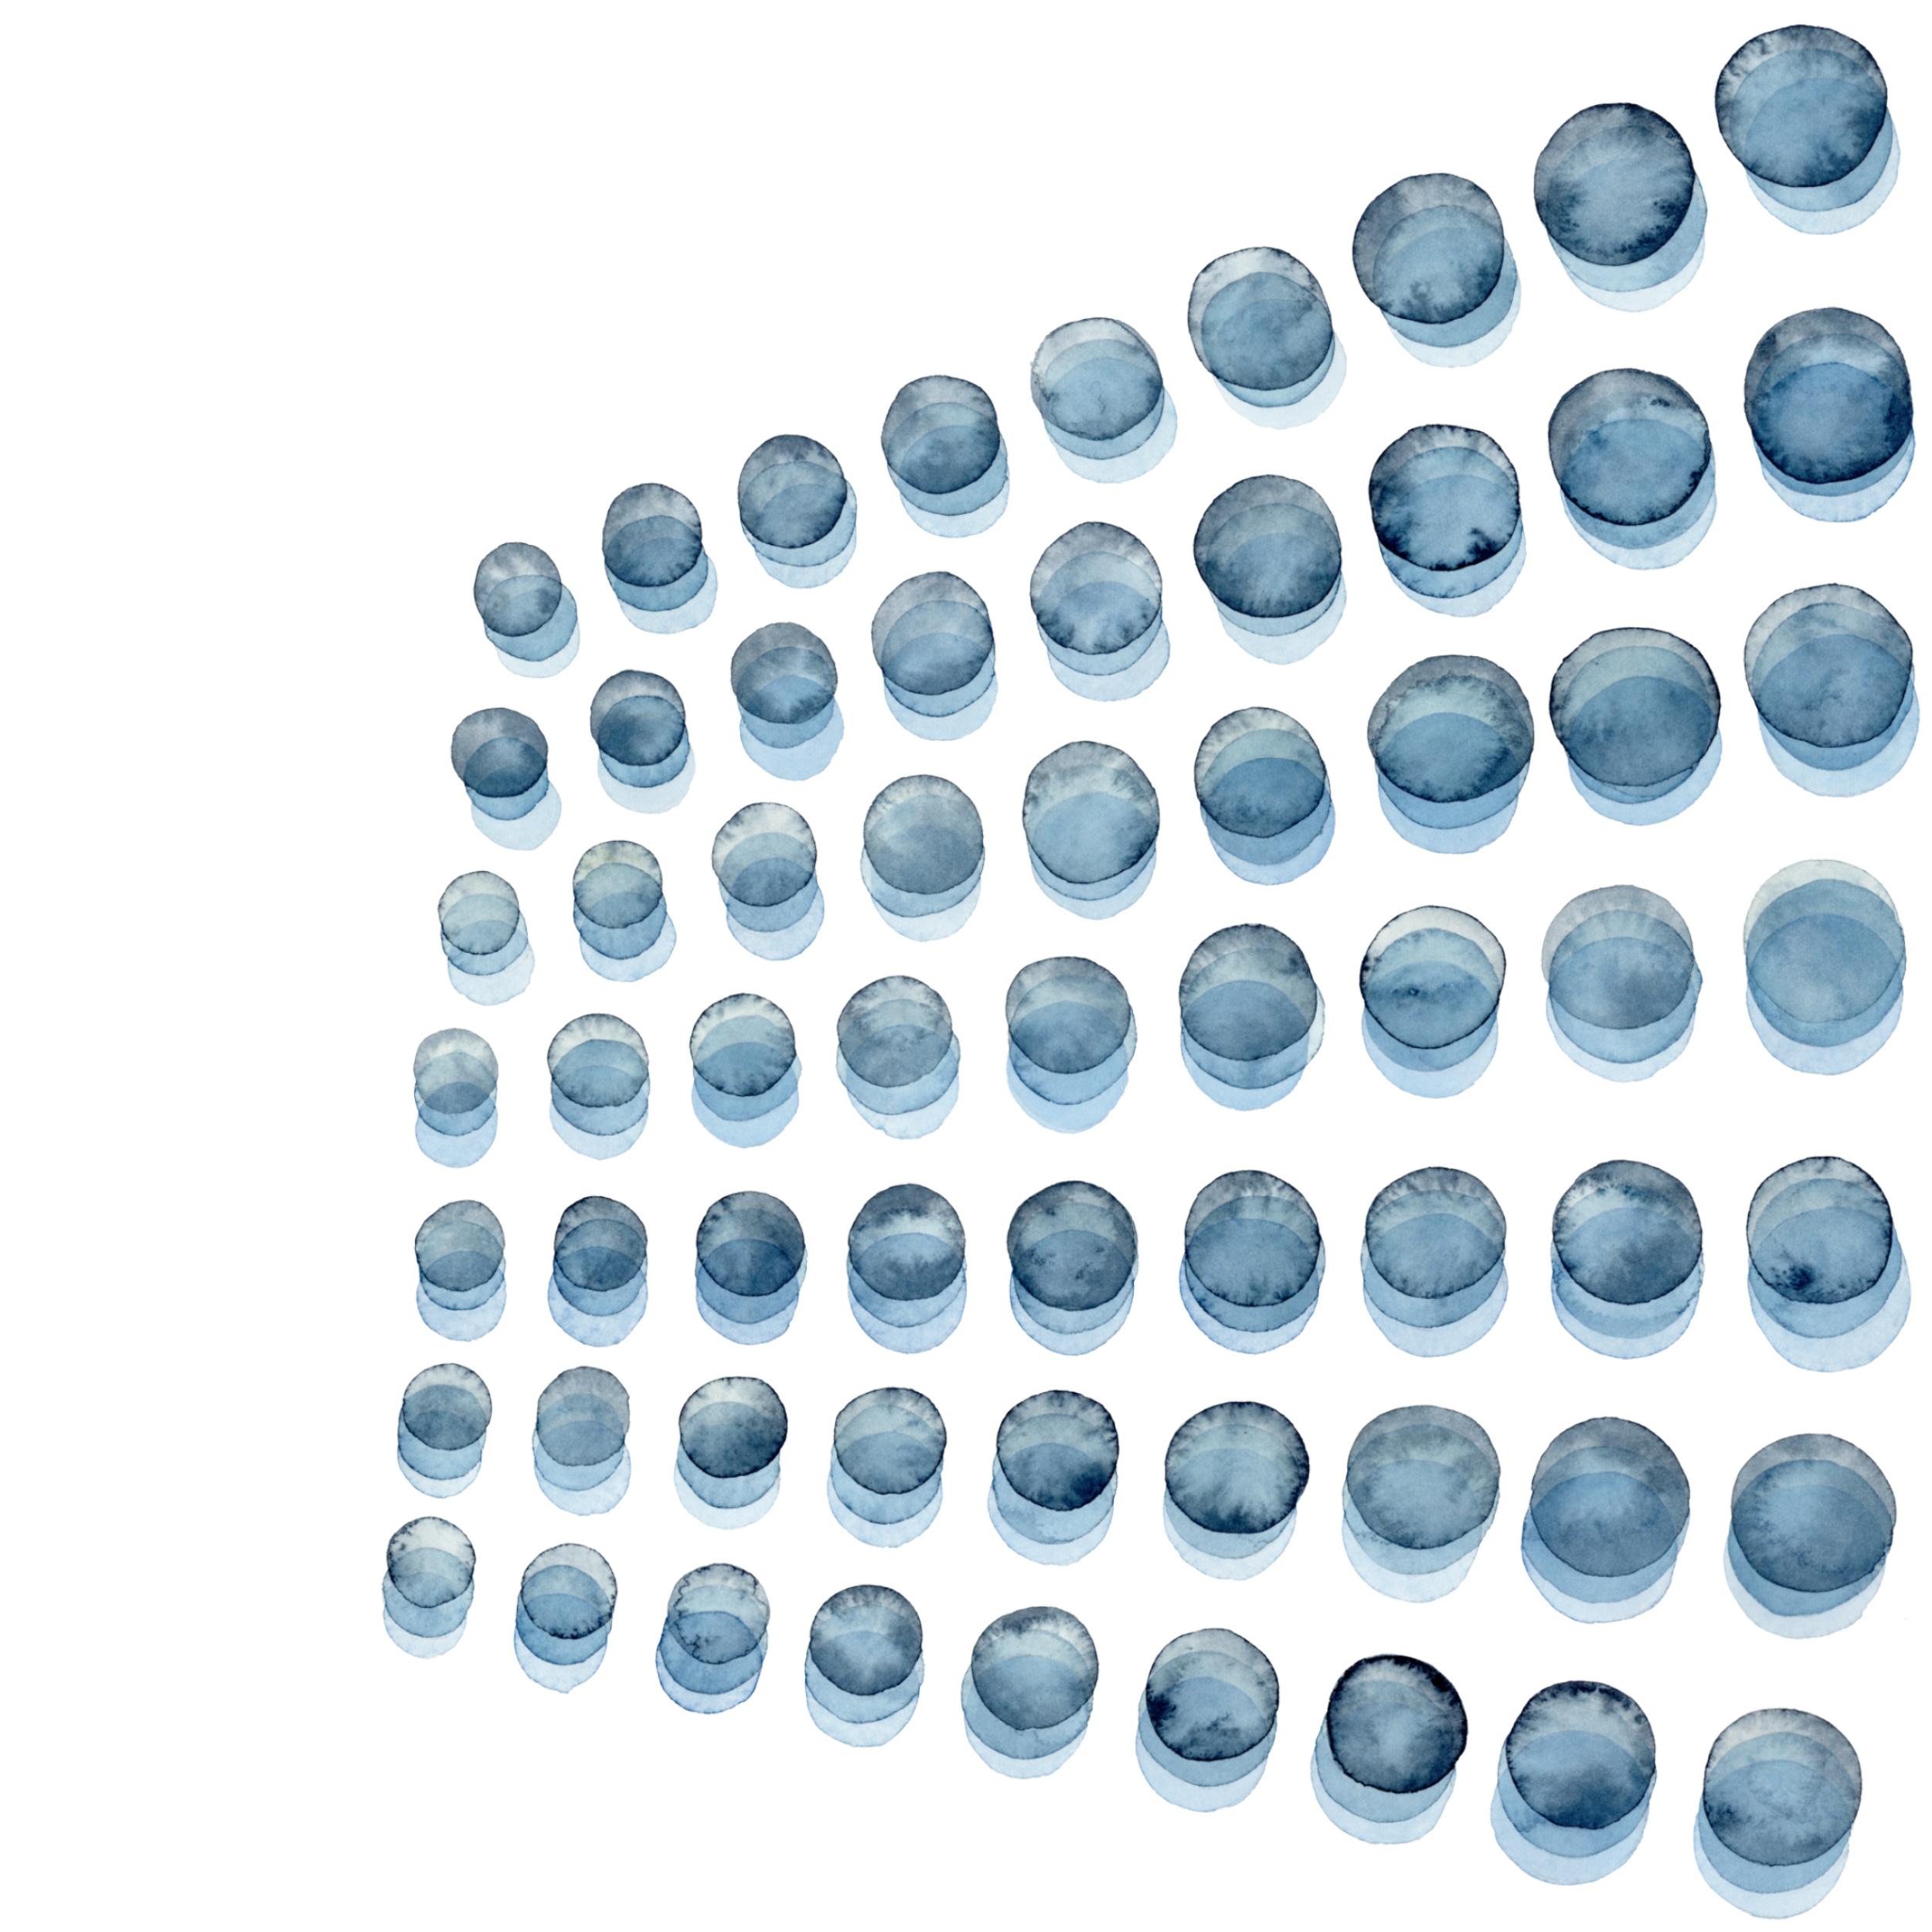 SPRAY IN BLUE - Jen Lashek